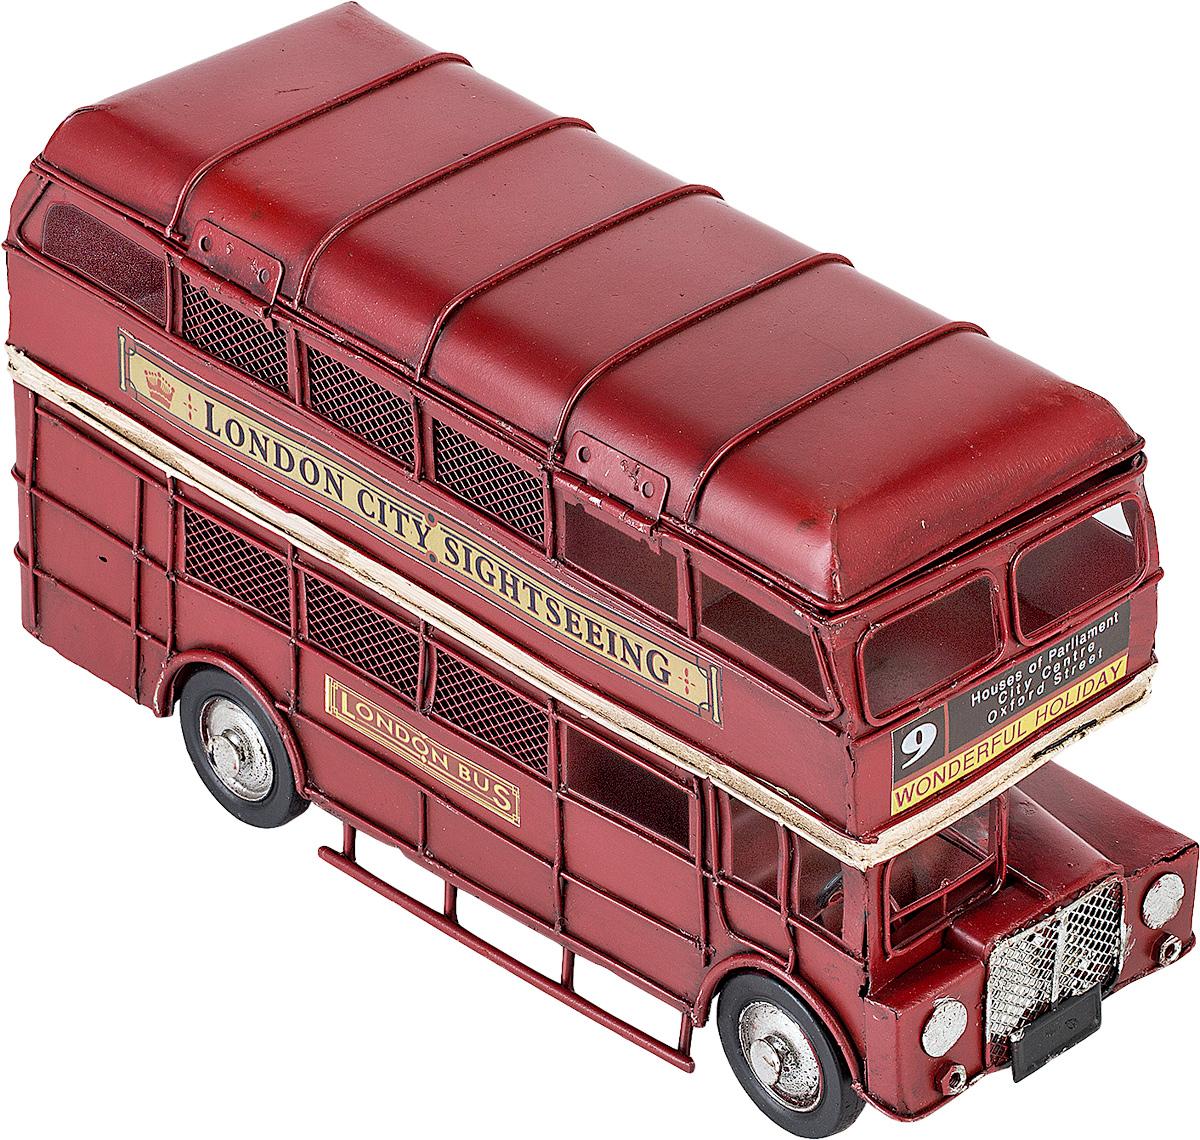 Модель Platinum Лондонский автобус, с 2 фоторамками и копилкой. 1310E-41071310E-4107Модель Platinum Лондонский автобус, выполненная из металла, станет оригинальным украшением интерьера. Вы можете поставить ретро-модель в любом месте, где она будет удачно смотреться. Изделие дополнено копилкой и двумя фоторамками, куда вы можете вставить ваши любимые фотографии. Качество исполнения, точные детали и оригинальный дизайн выделяют эту модель среди ряда подобных. Модель займет достойное место в вашей коллекции, а также приятно удивит получателя в качестве стильного сувенира.